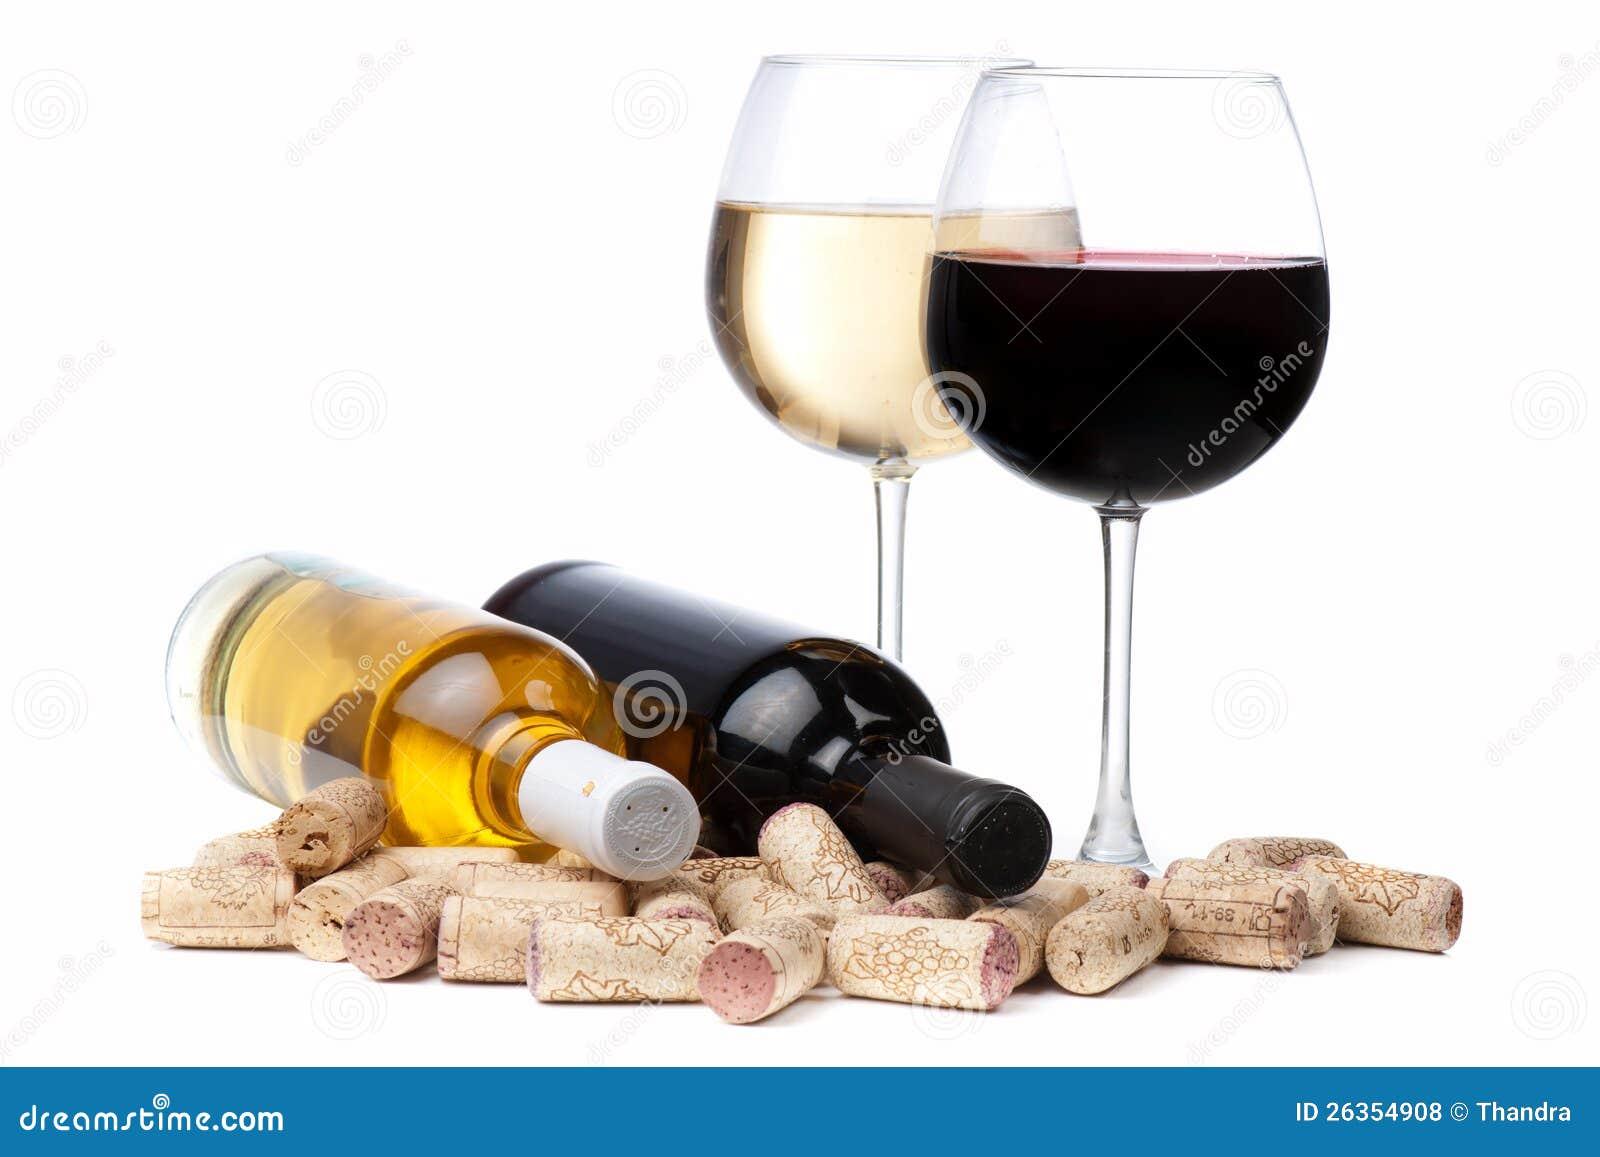 Download Gläser Weißer Und Rotwein Und Korken Stockfoto - Bild von getrennt, romantisch: 26354908